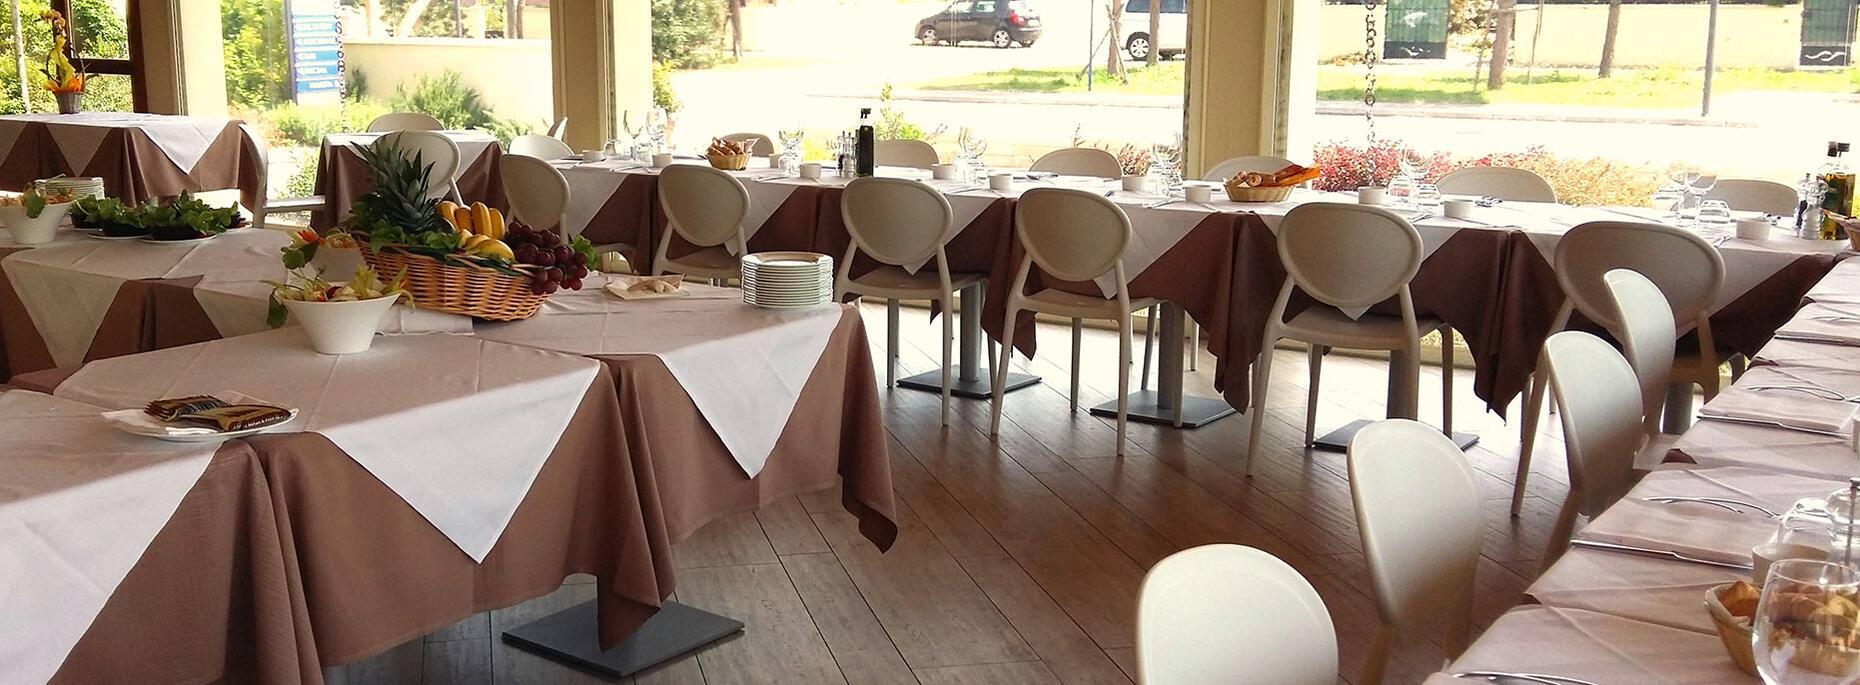 aironebiancoresidencevillage fr village-avec-restaurant-lidi-comacchio 005